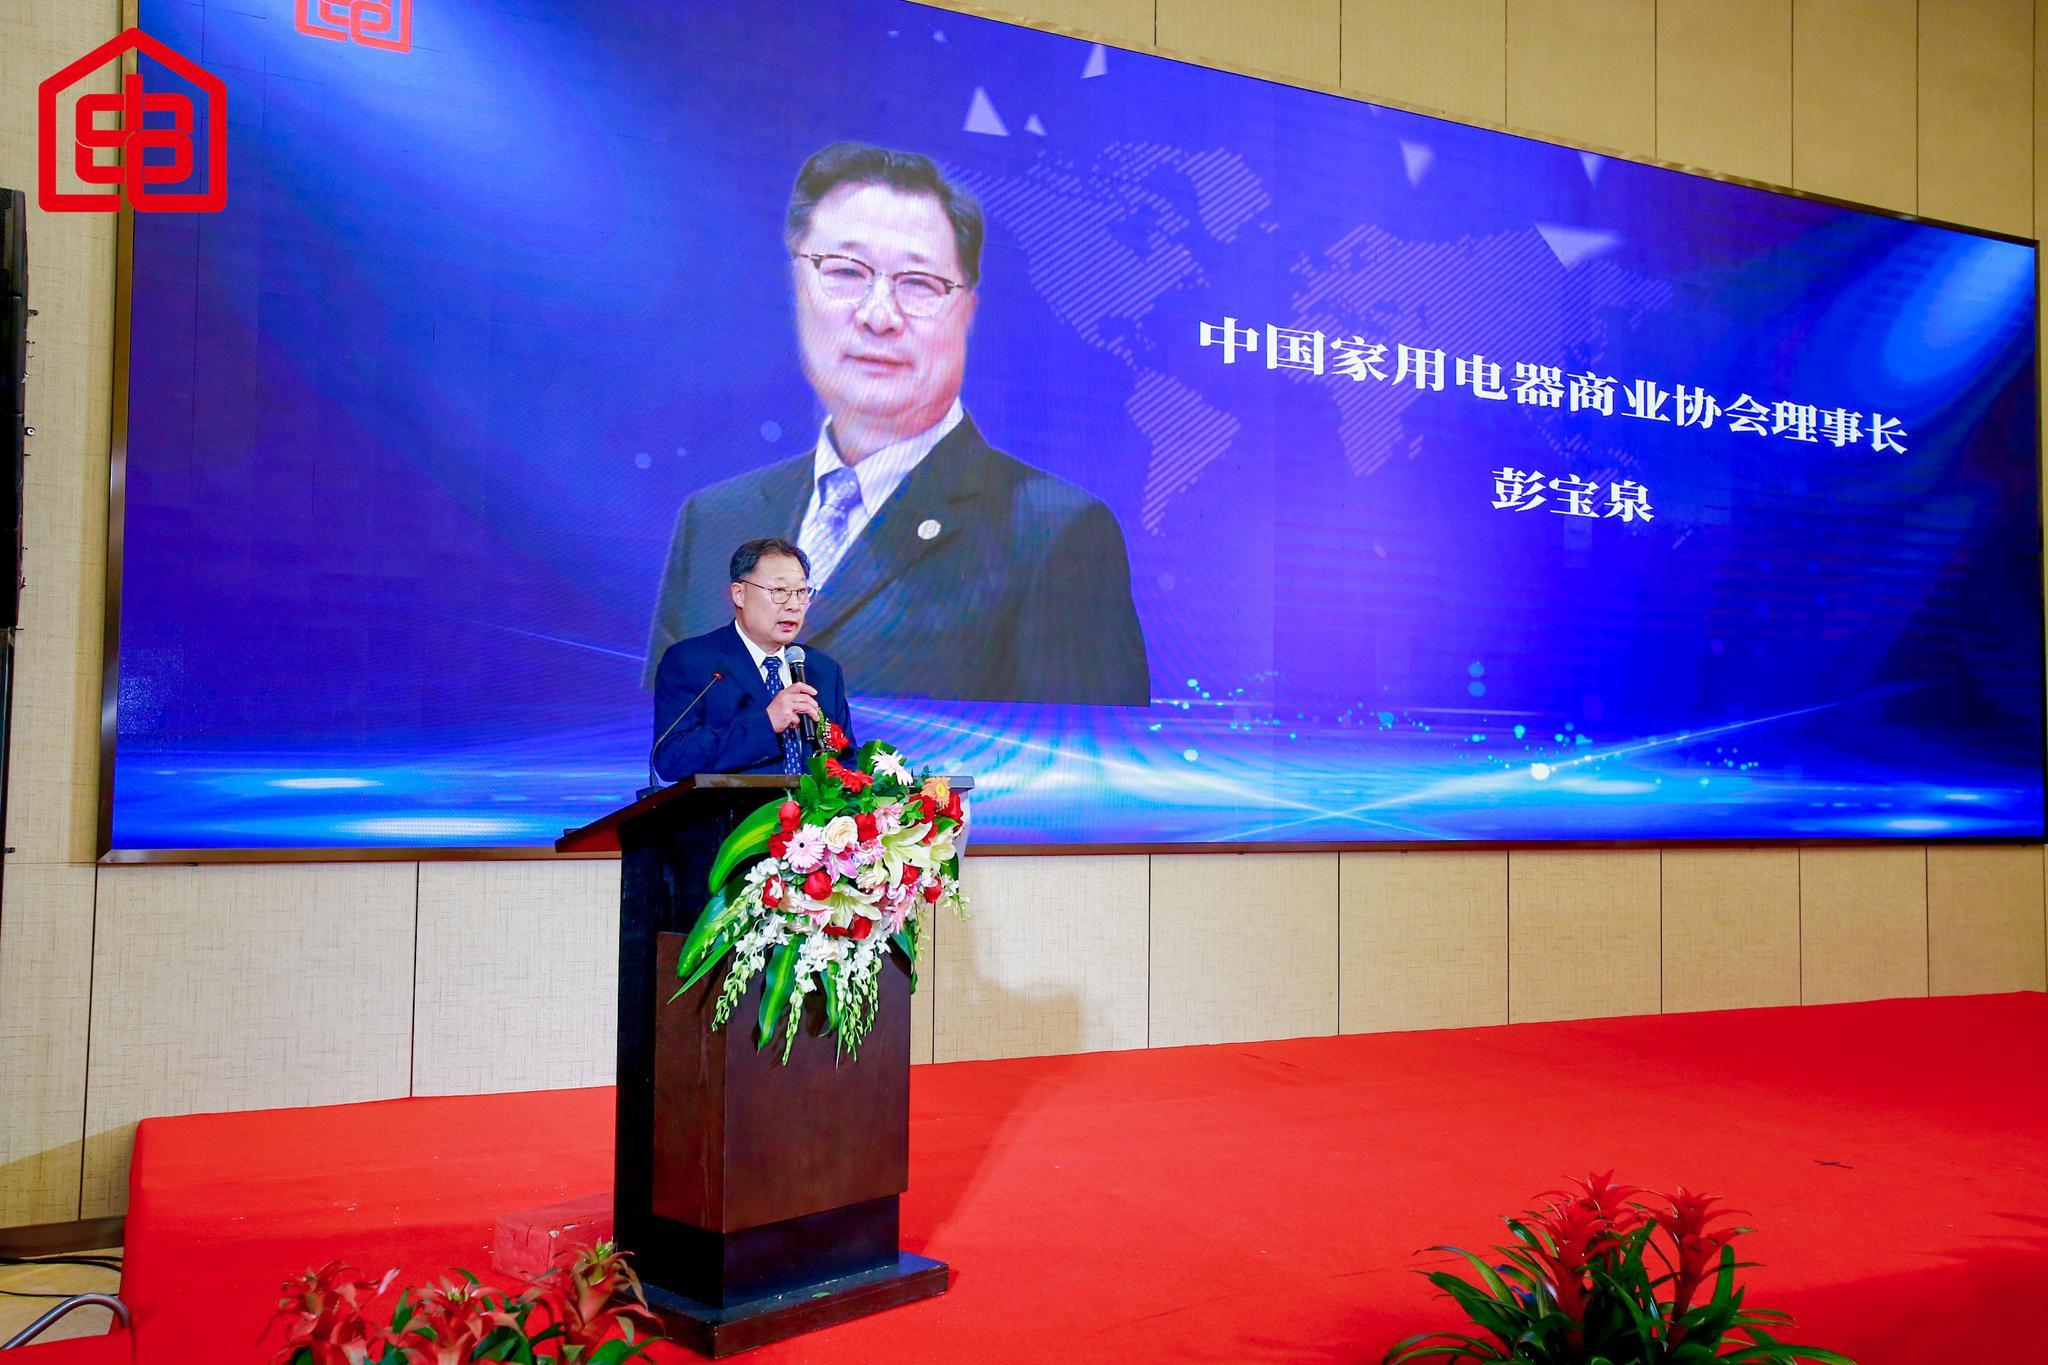 2021年中國家電流通大會召開:攜手廠商重構行業新價值鏈條-家電圈